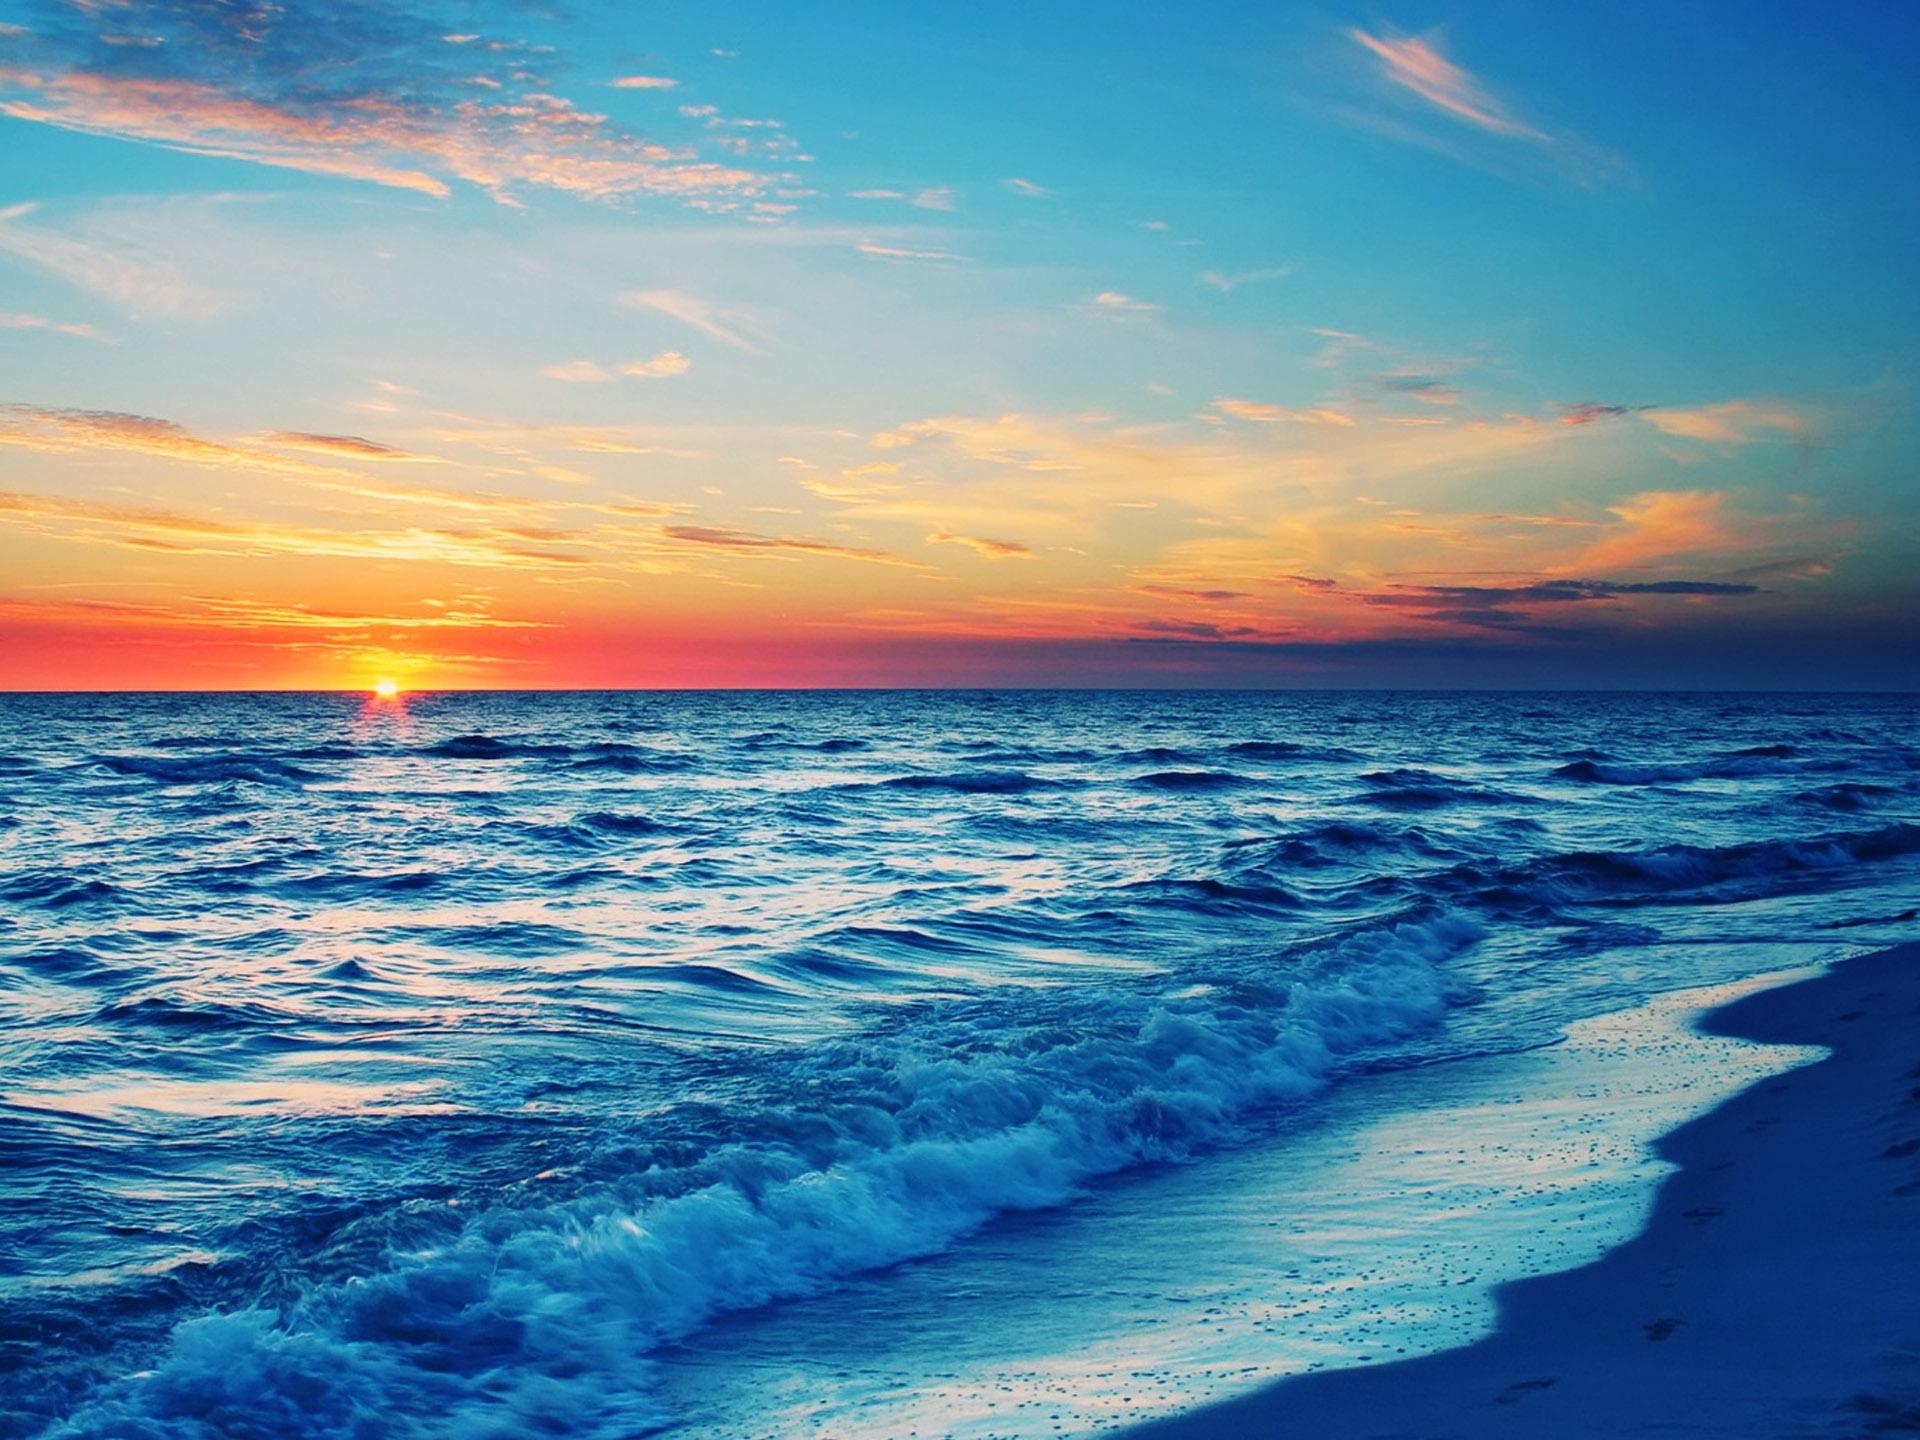 Stunning Ocean Sunset Wallpaper 35977 1920x1440px 1920x1440